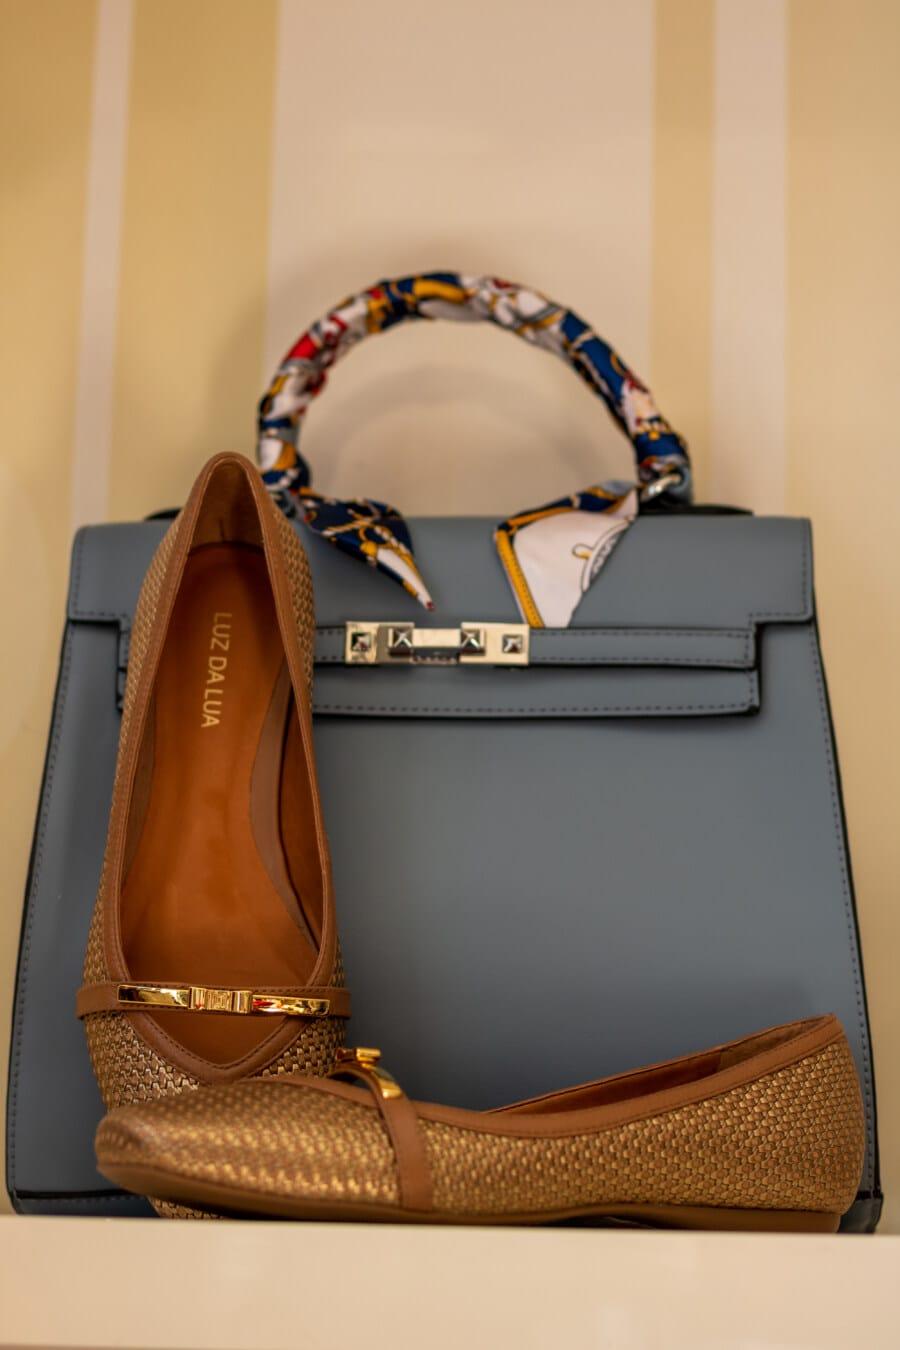 Einkaufen, Leder, Handtasche, Schuhe, Stil, elegant, Lust auf, Mode, Schuhe, Klassiker